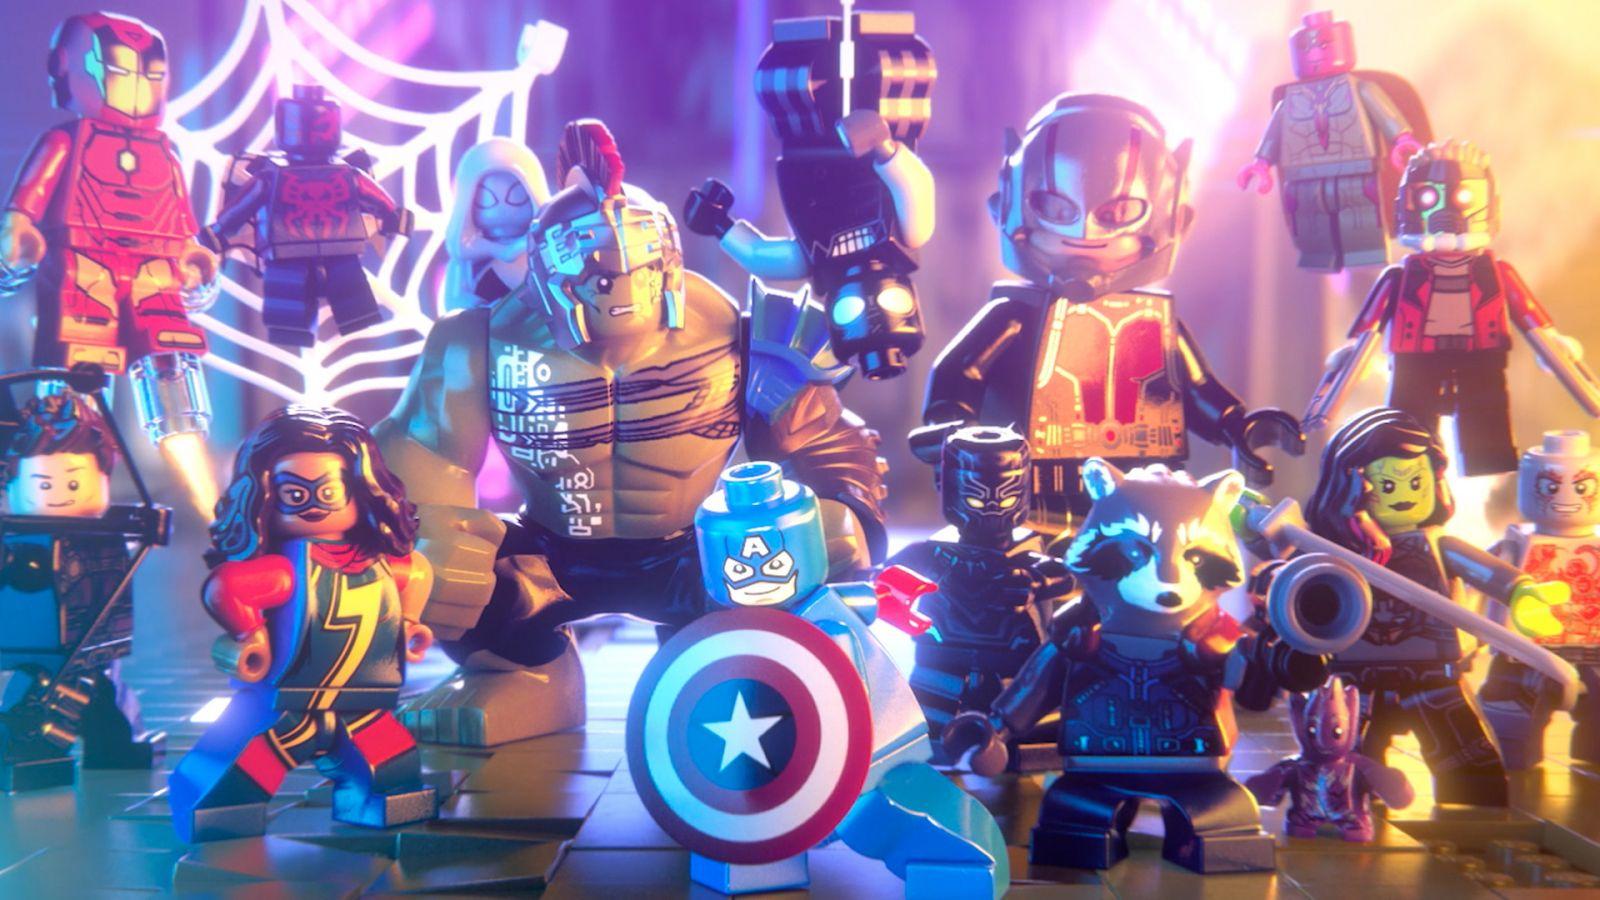 Derzeit könnt ihr mit 200 Superhelden und -Schurken aus dem Marvel Universum spielen. Nun erweitert Warner Bros. das Angebot. Quelle:  trustedreviews.com